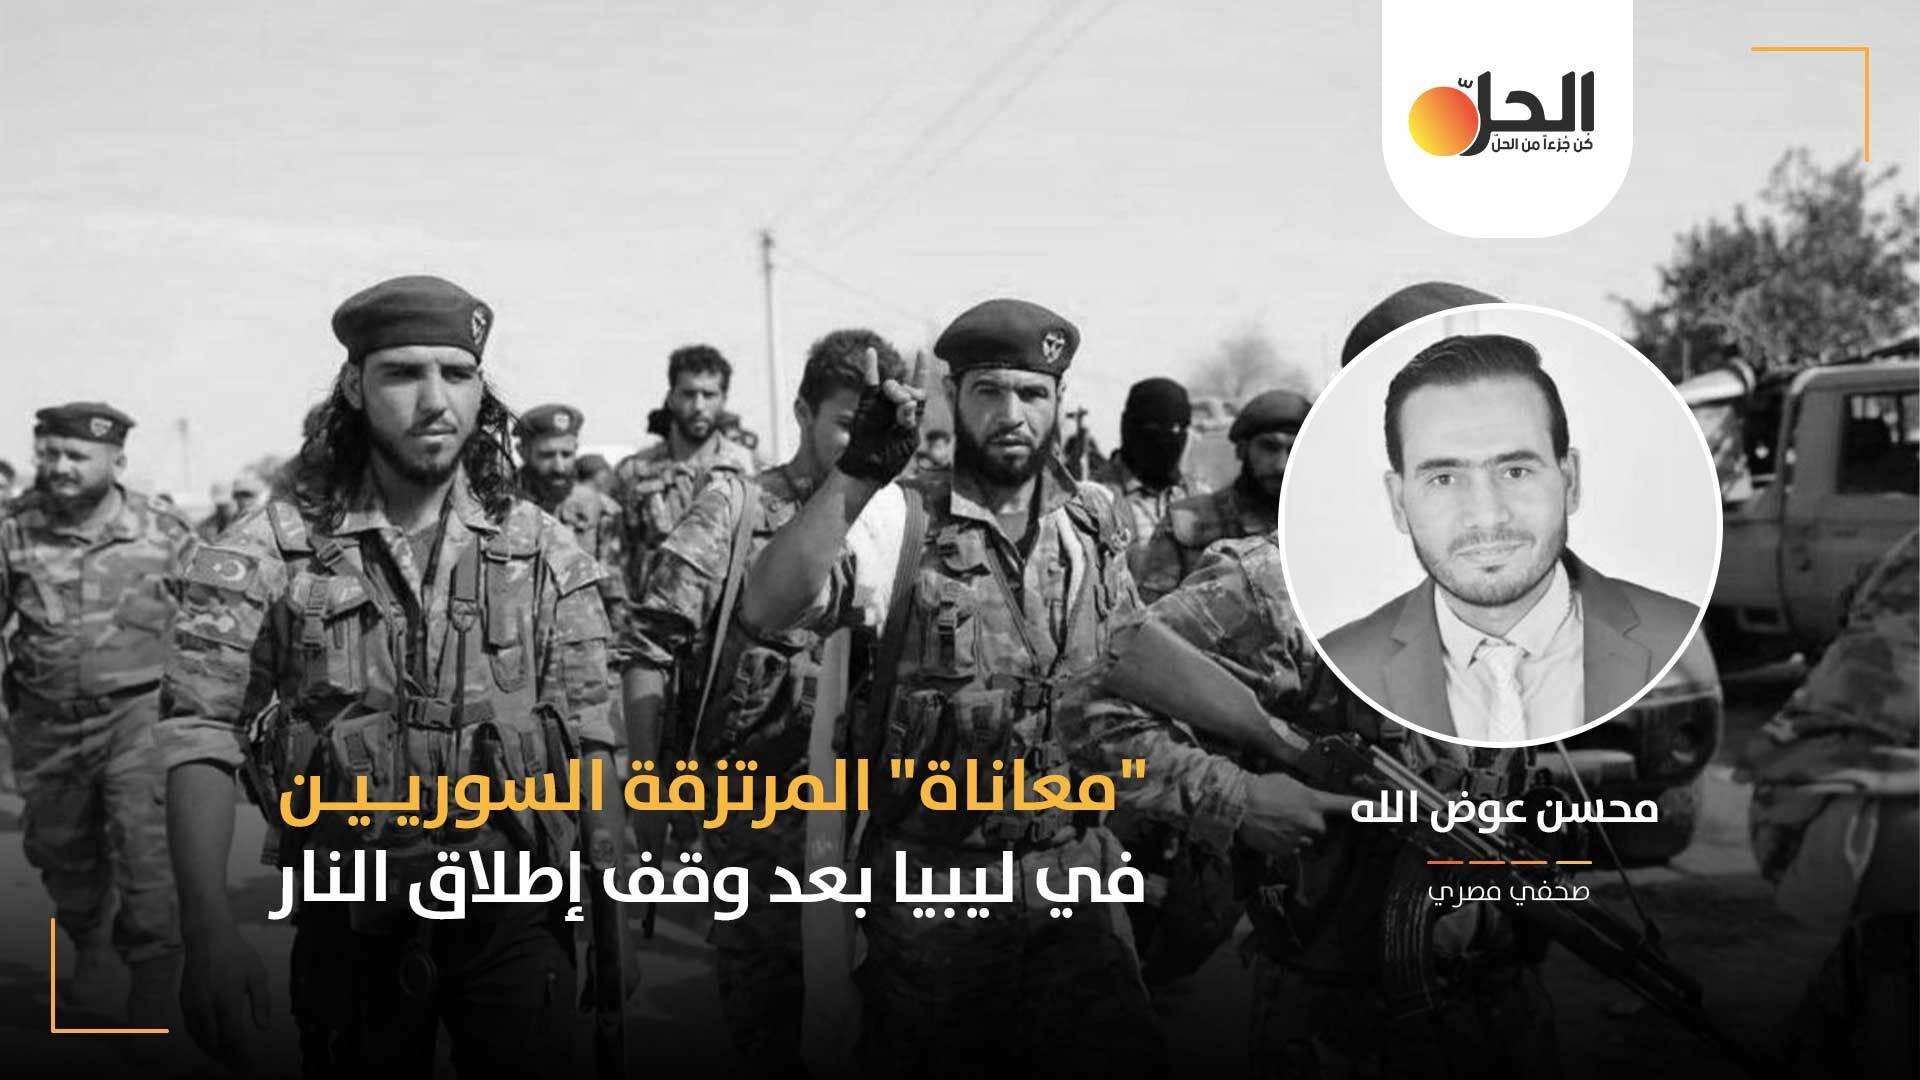 وسط تصاعد الاستياء الشعبي من وجودهم: ماذا يفعل المرتزقة السوريون في ليبيا بعد انتهاء الحرب؟